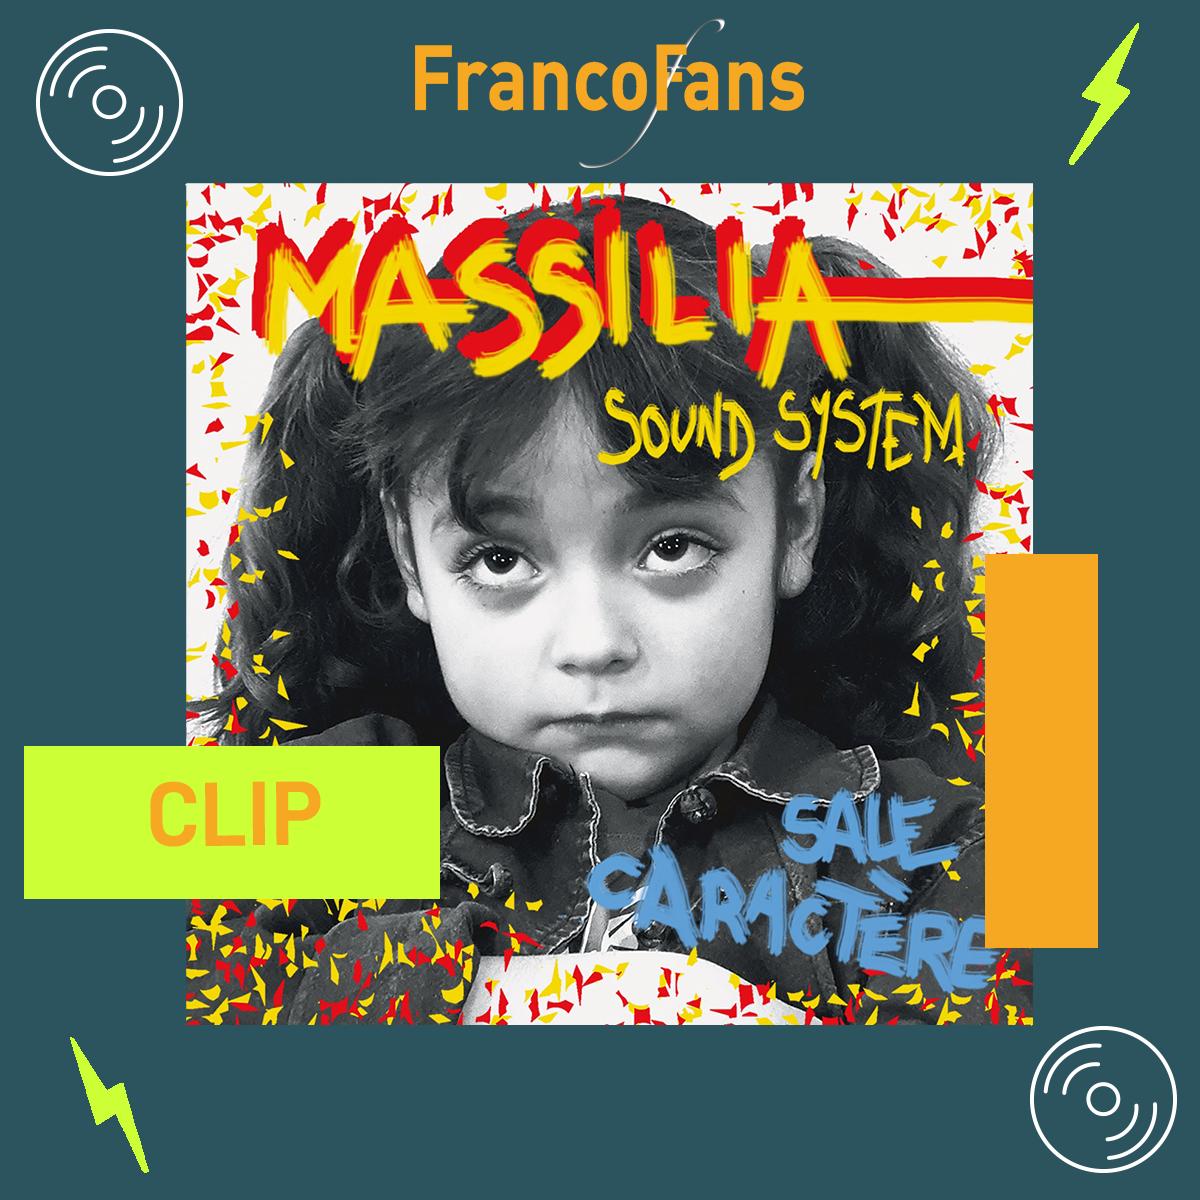 [Clip] Massilia Sound System - Sale caractère